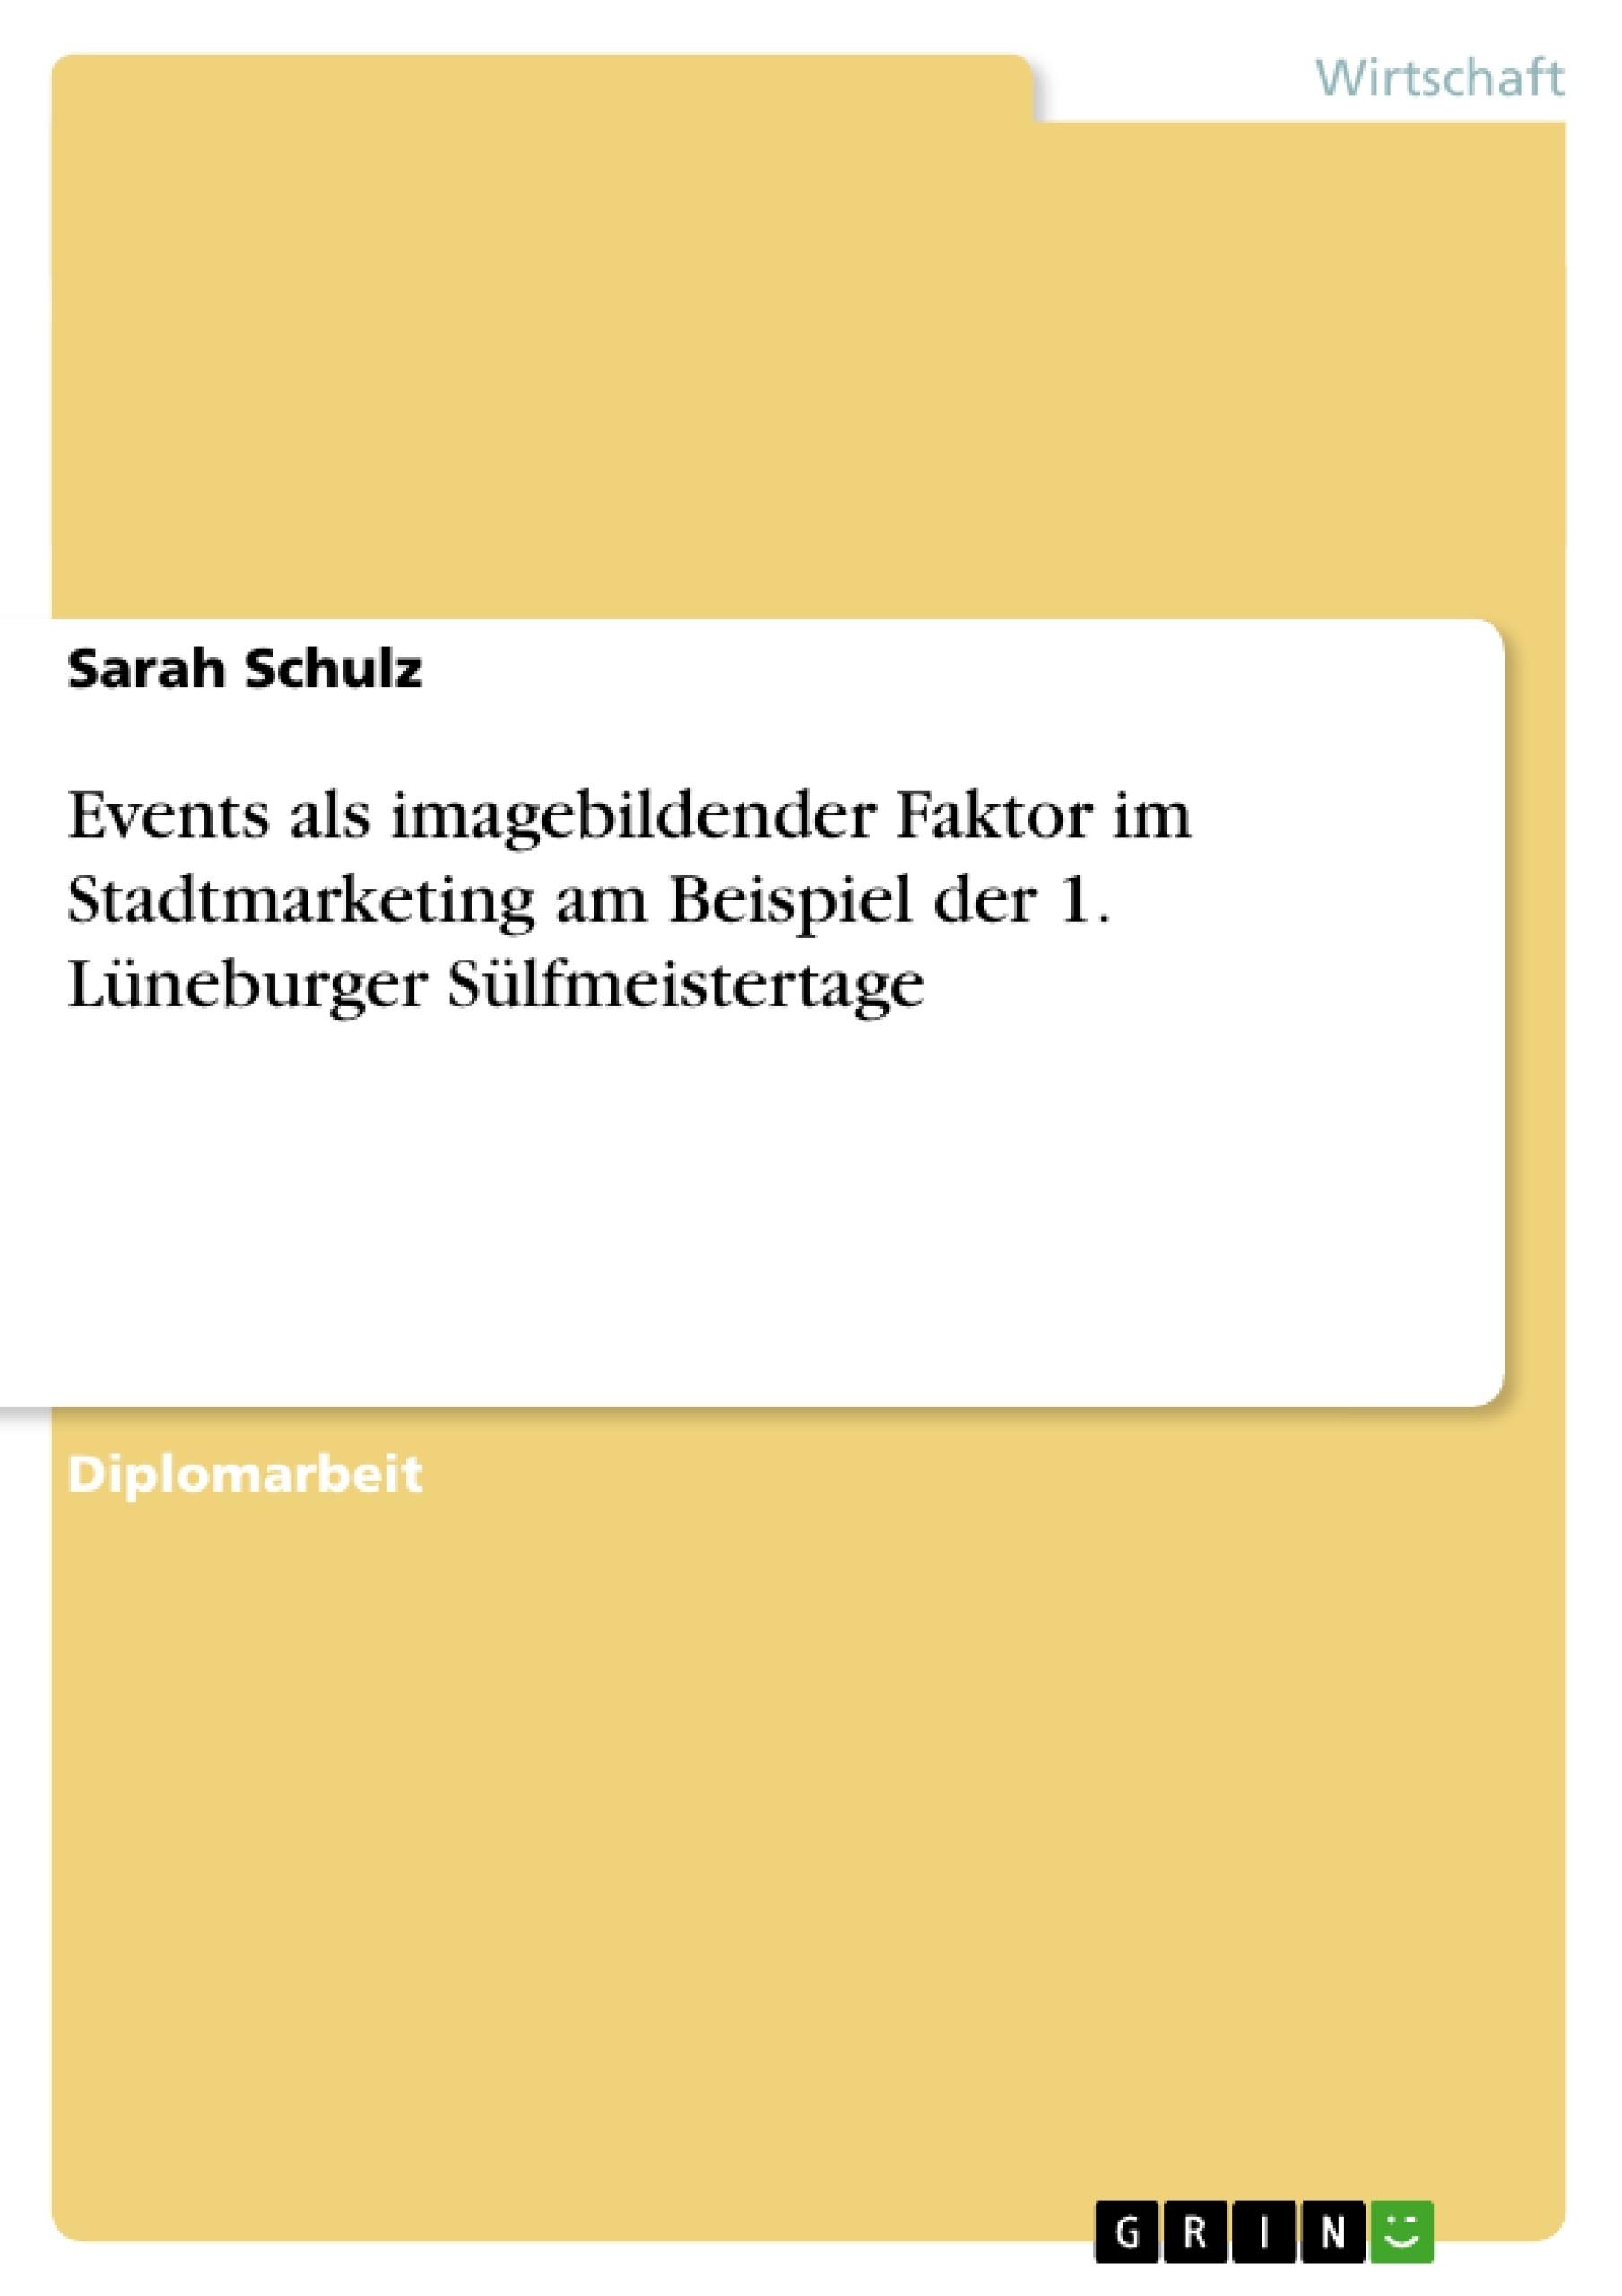 Titel: Events als imagebildender Faktor im Stadtmarketing am Beispiel der 1. Lüneburger Sülfmeistertage